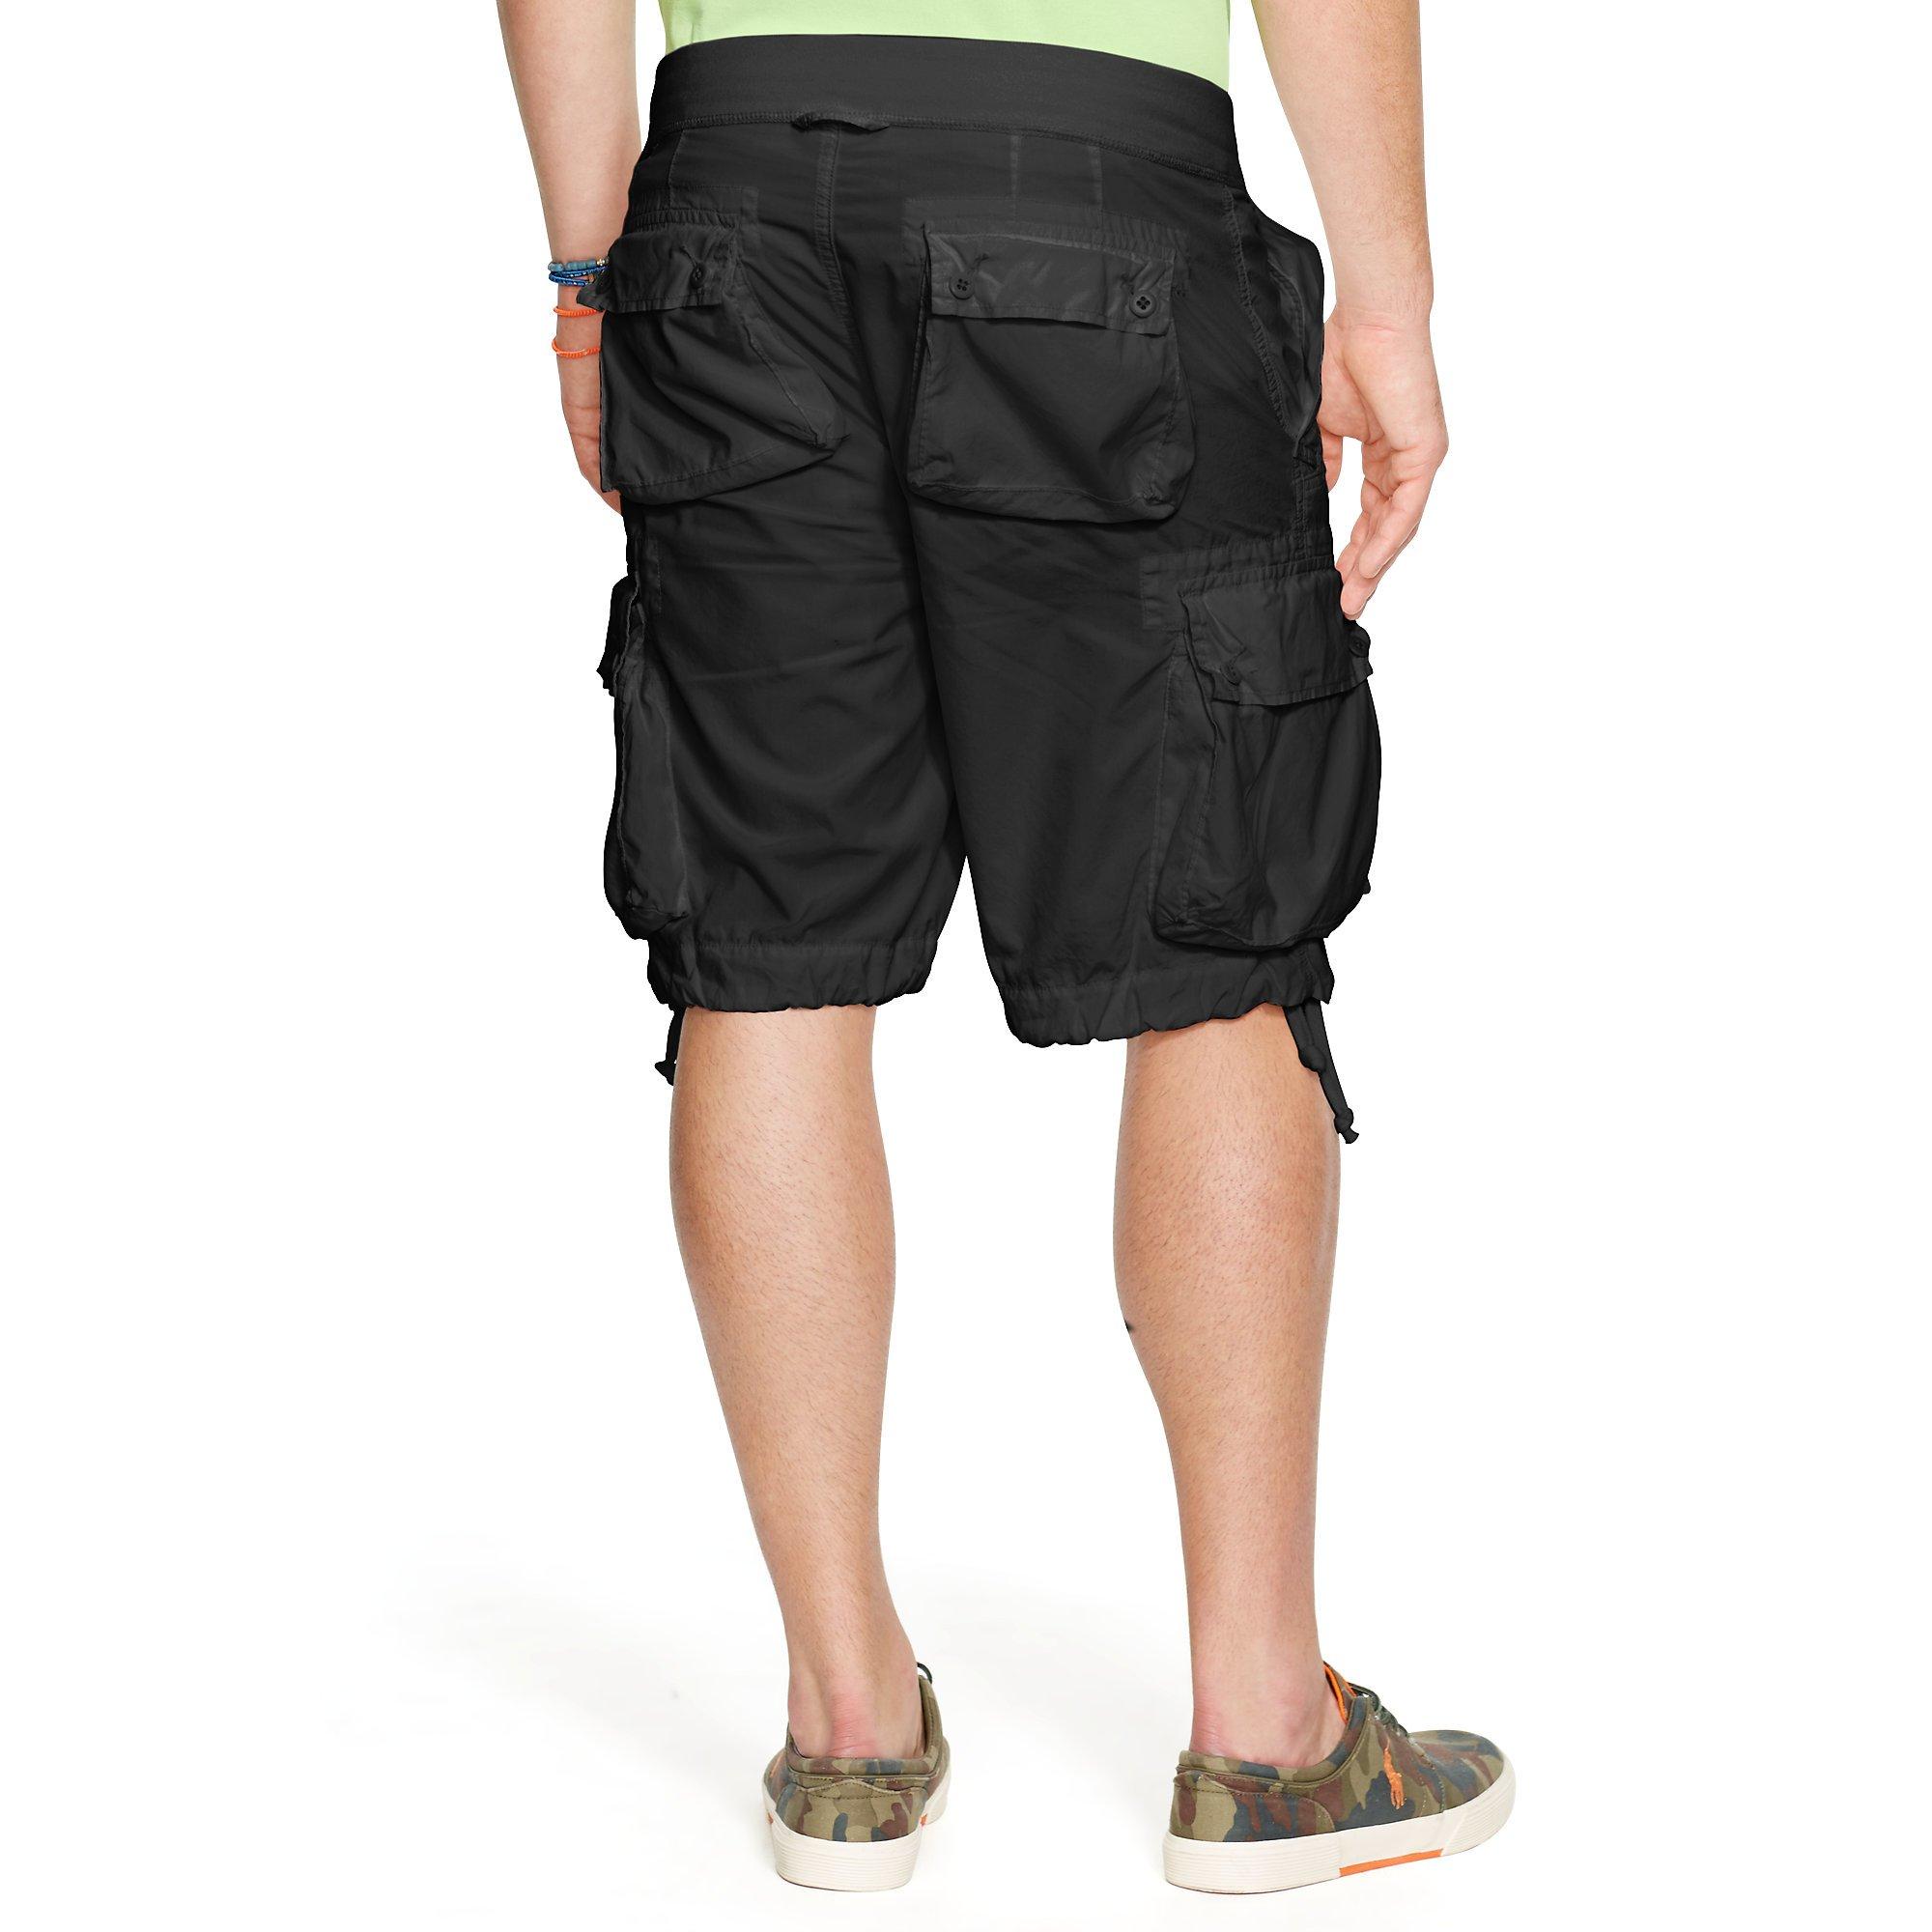 436211fe new arrivals polo khaki cargo shorts 940d2 00f78